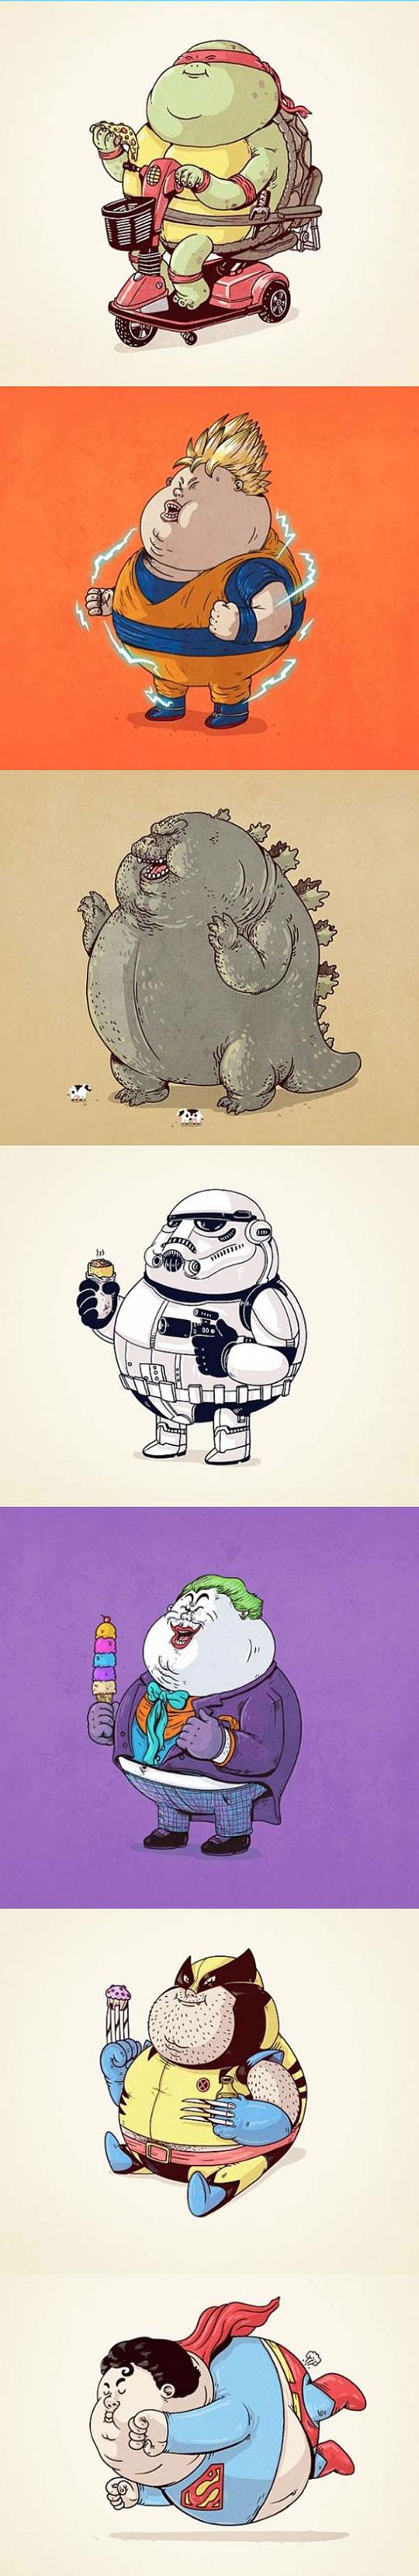 funny-fat-superheroes-Superman-Stormtrooper